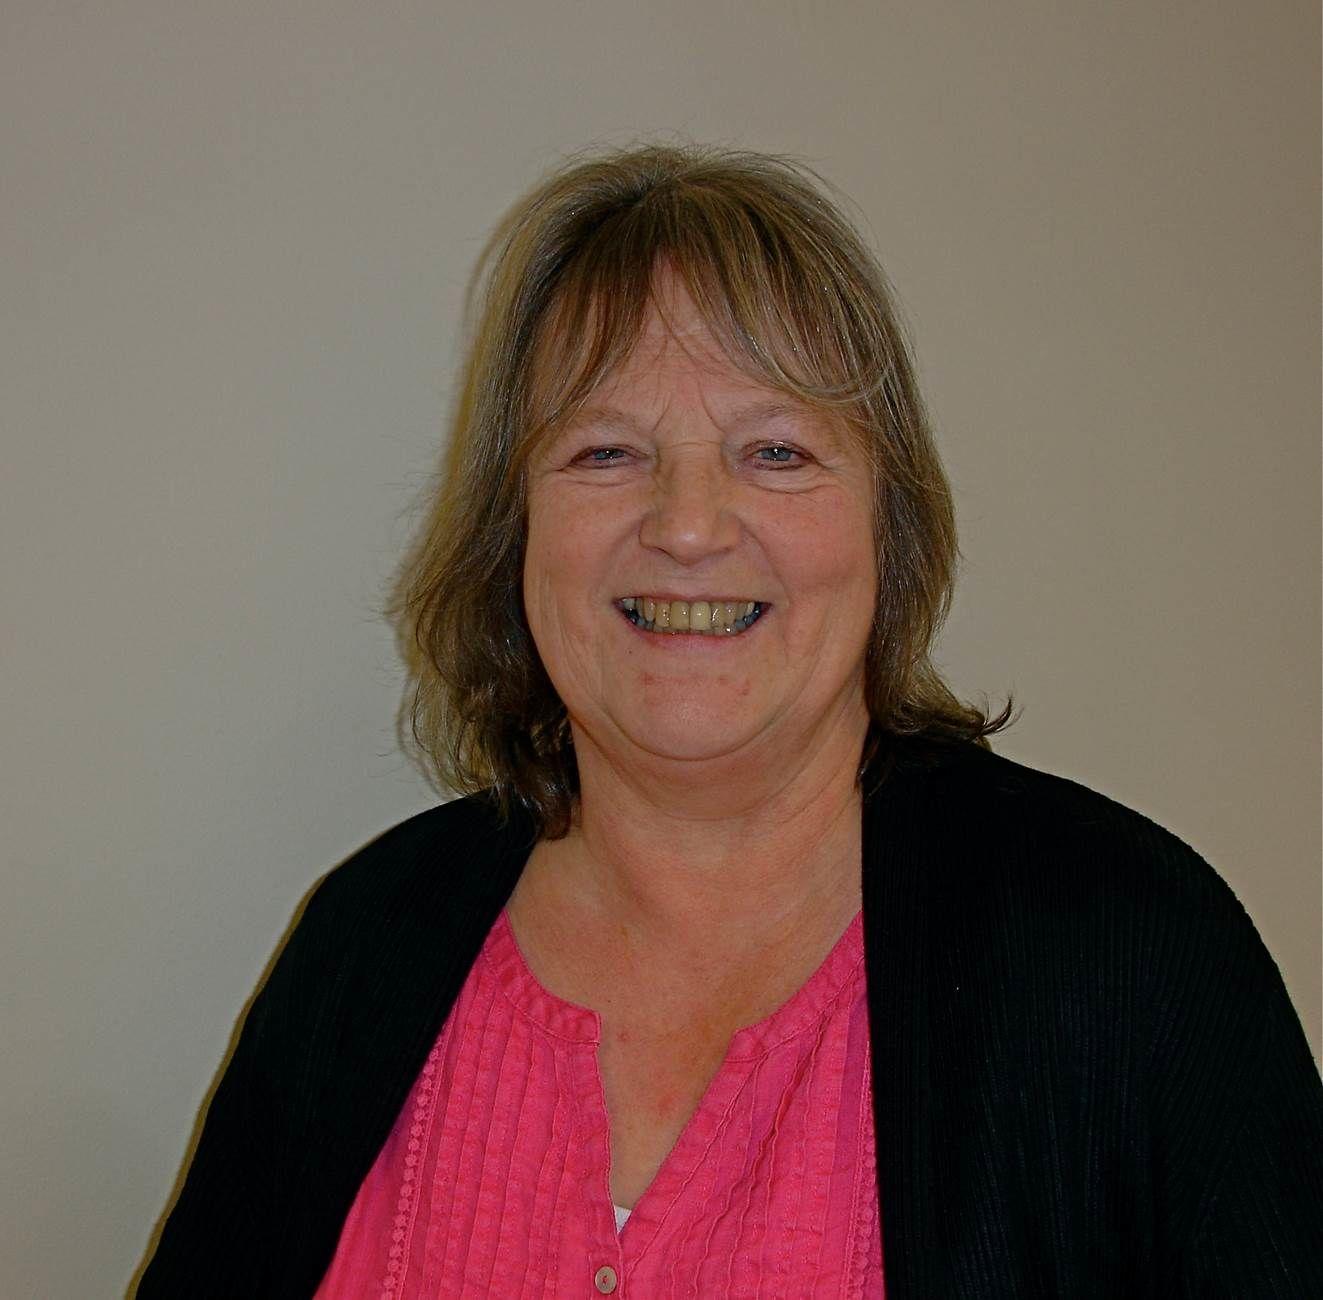 Barbara Poole : Panel member